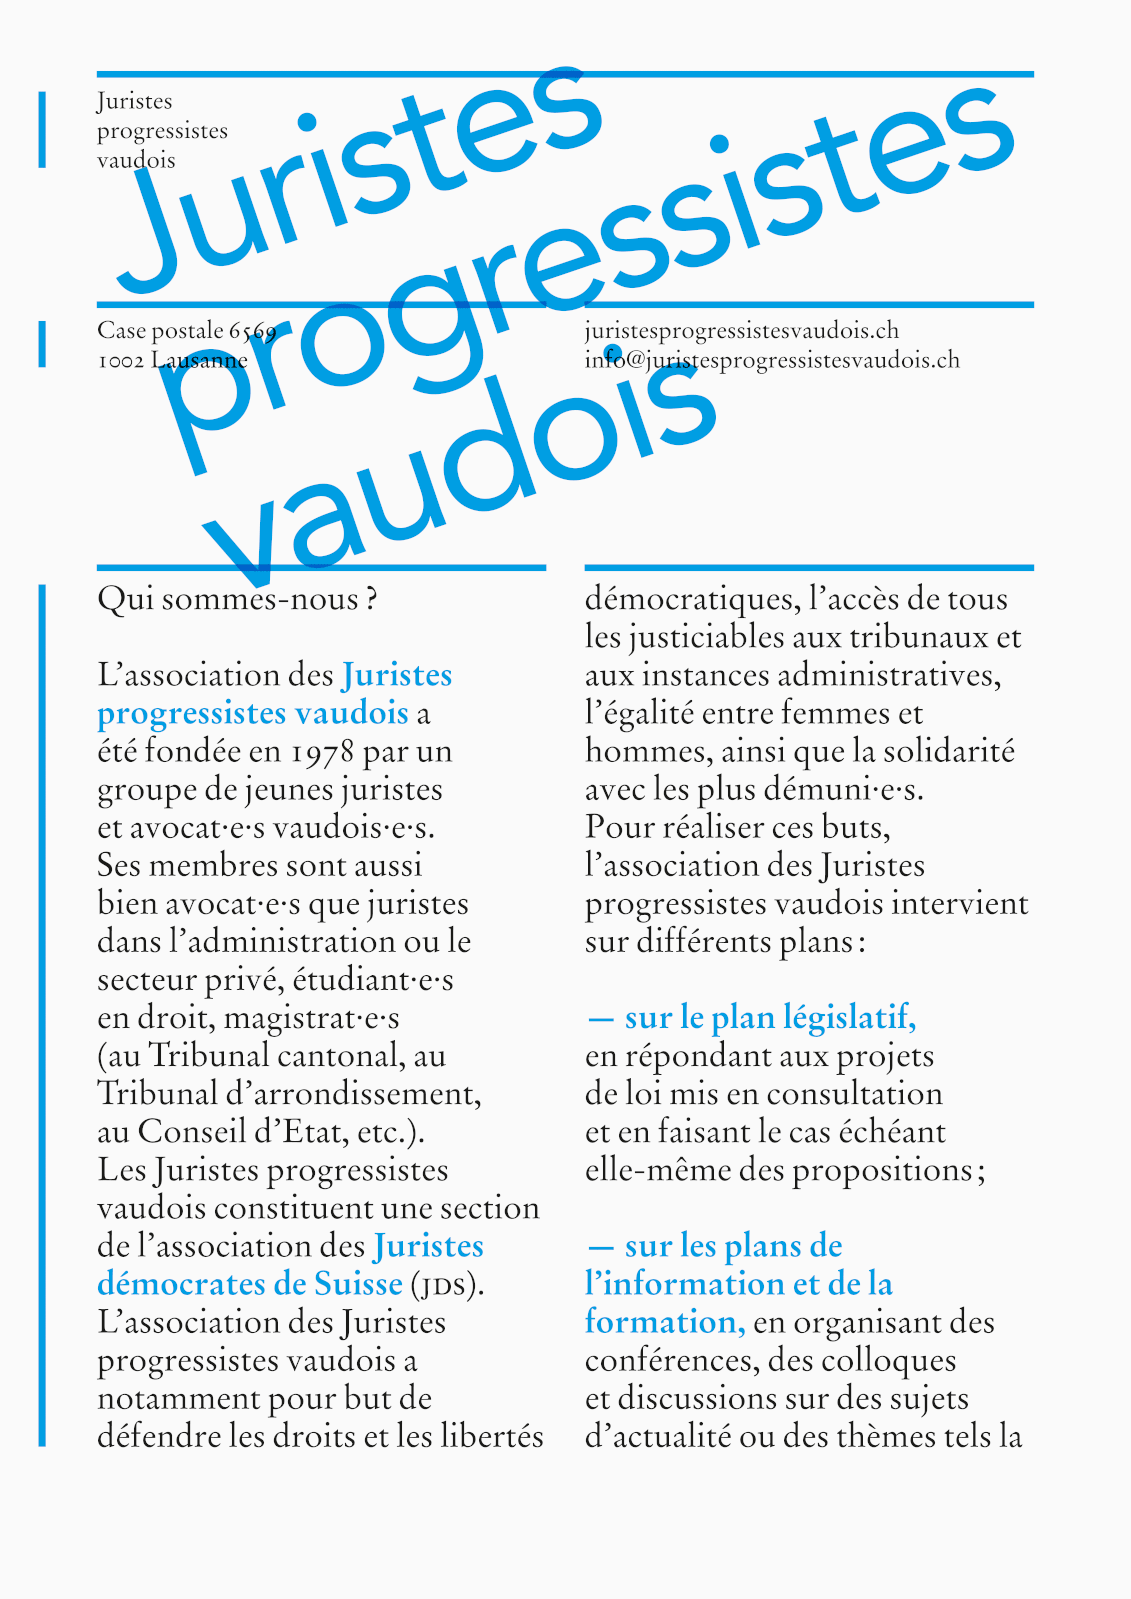 Identité des Juristes progressistes vaudois (plaquette de présentation). En tant que Schönherwehrs.